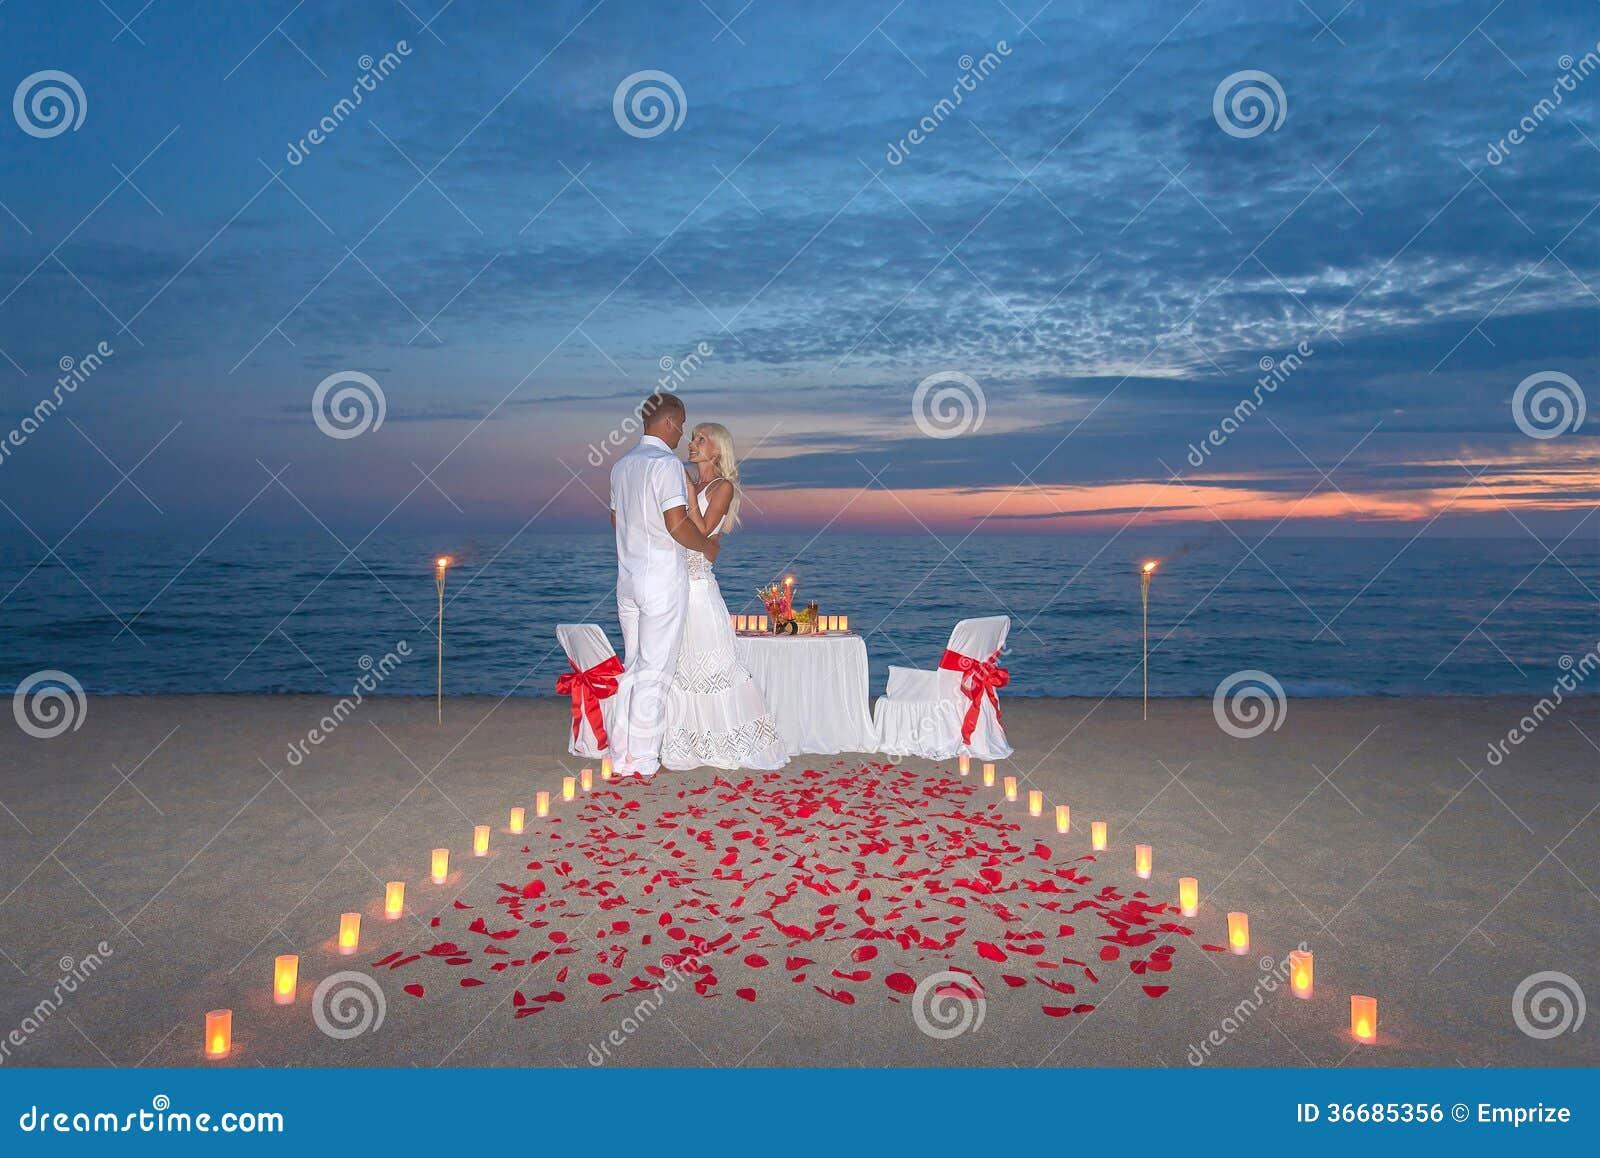 Los pares comparten una cena rom ntica con las velas - Cena romantica con velas ...